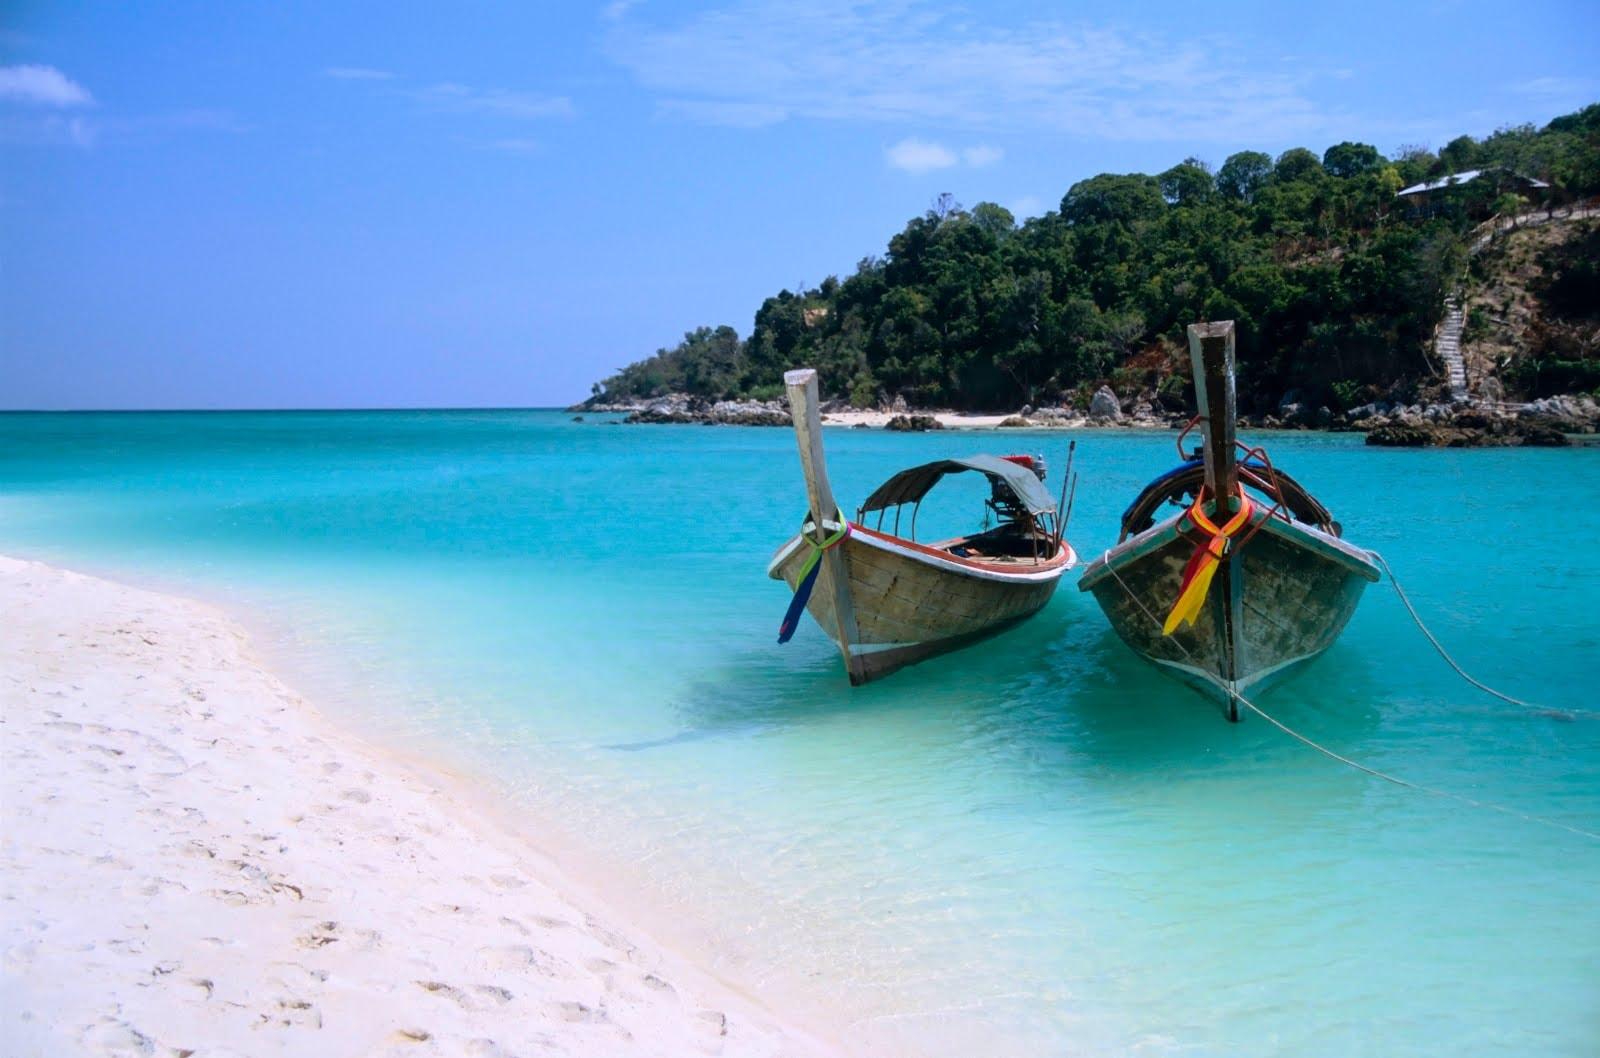 Zanzibar - Volo da Malpensa o Fiumicino, 9 giorni/7 notti in Hotel 4 stelle Roulette in All Inclusive + trasferimenti aeroporto/hotel e v.v.